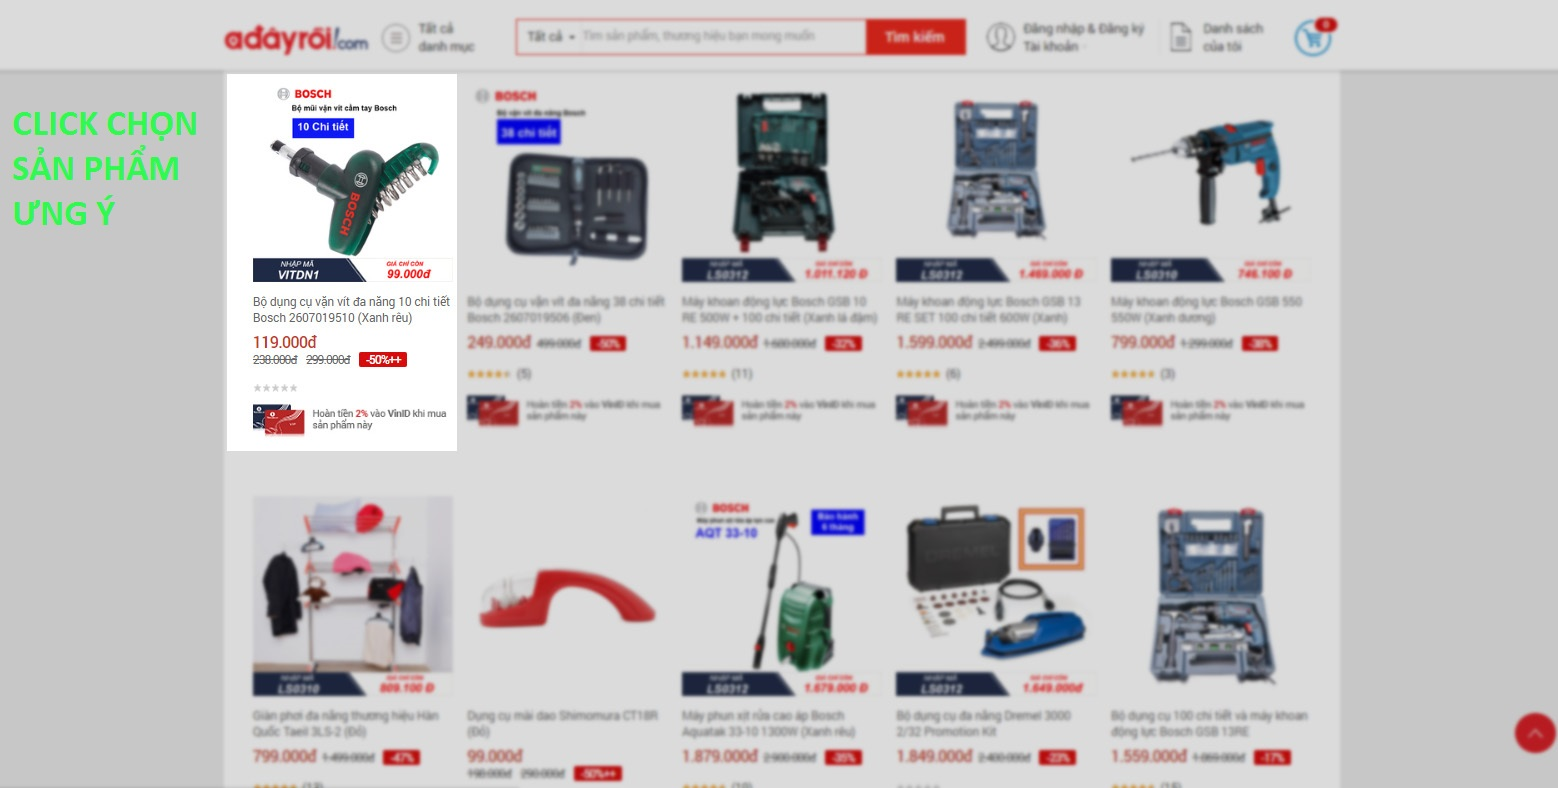 hướng dẫn bước 2 chọn sản phẩm ưng ý trong 7 bước mua hàng trên adayroi